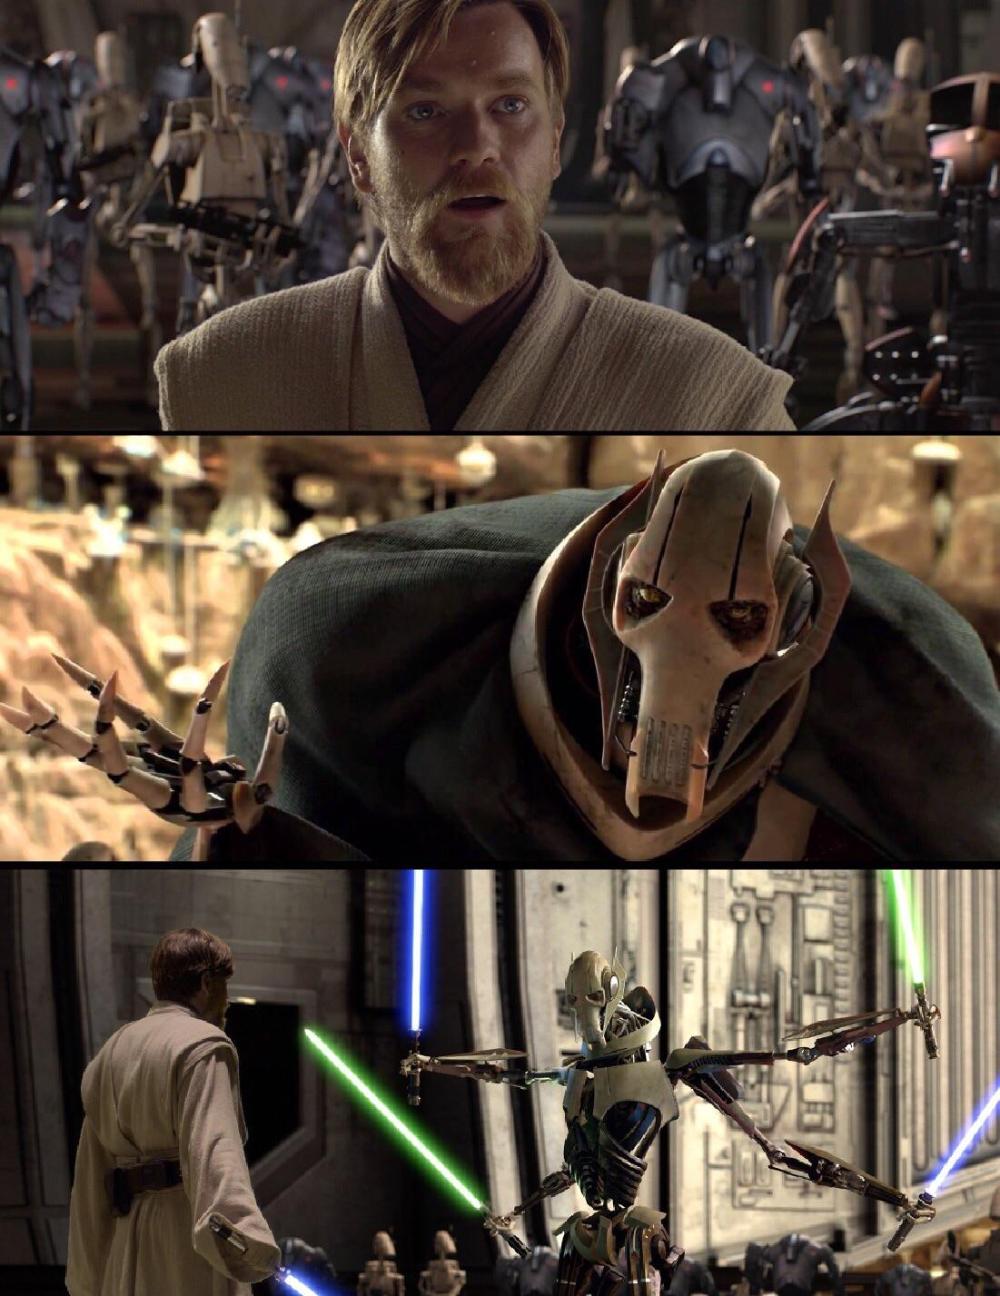 General Kenobi Meme Foxydoor Com General Kenobi Star Wars Memes Funny Memes For Him